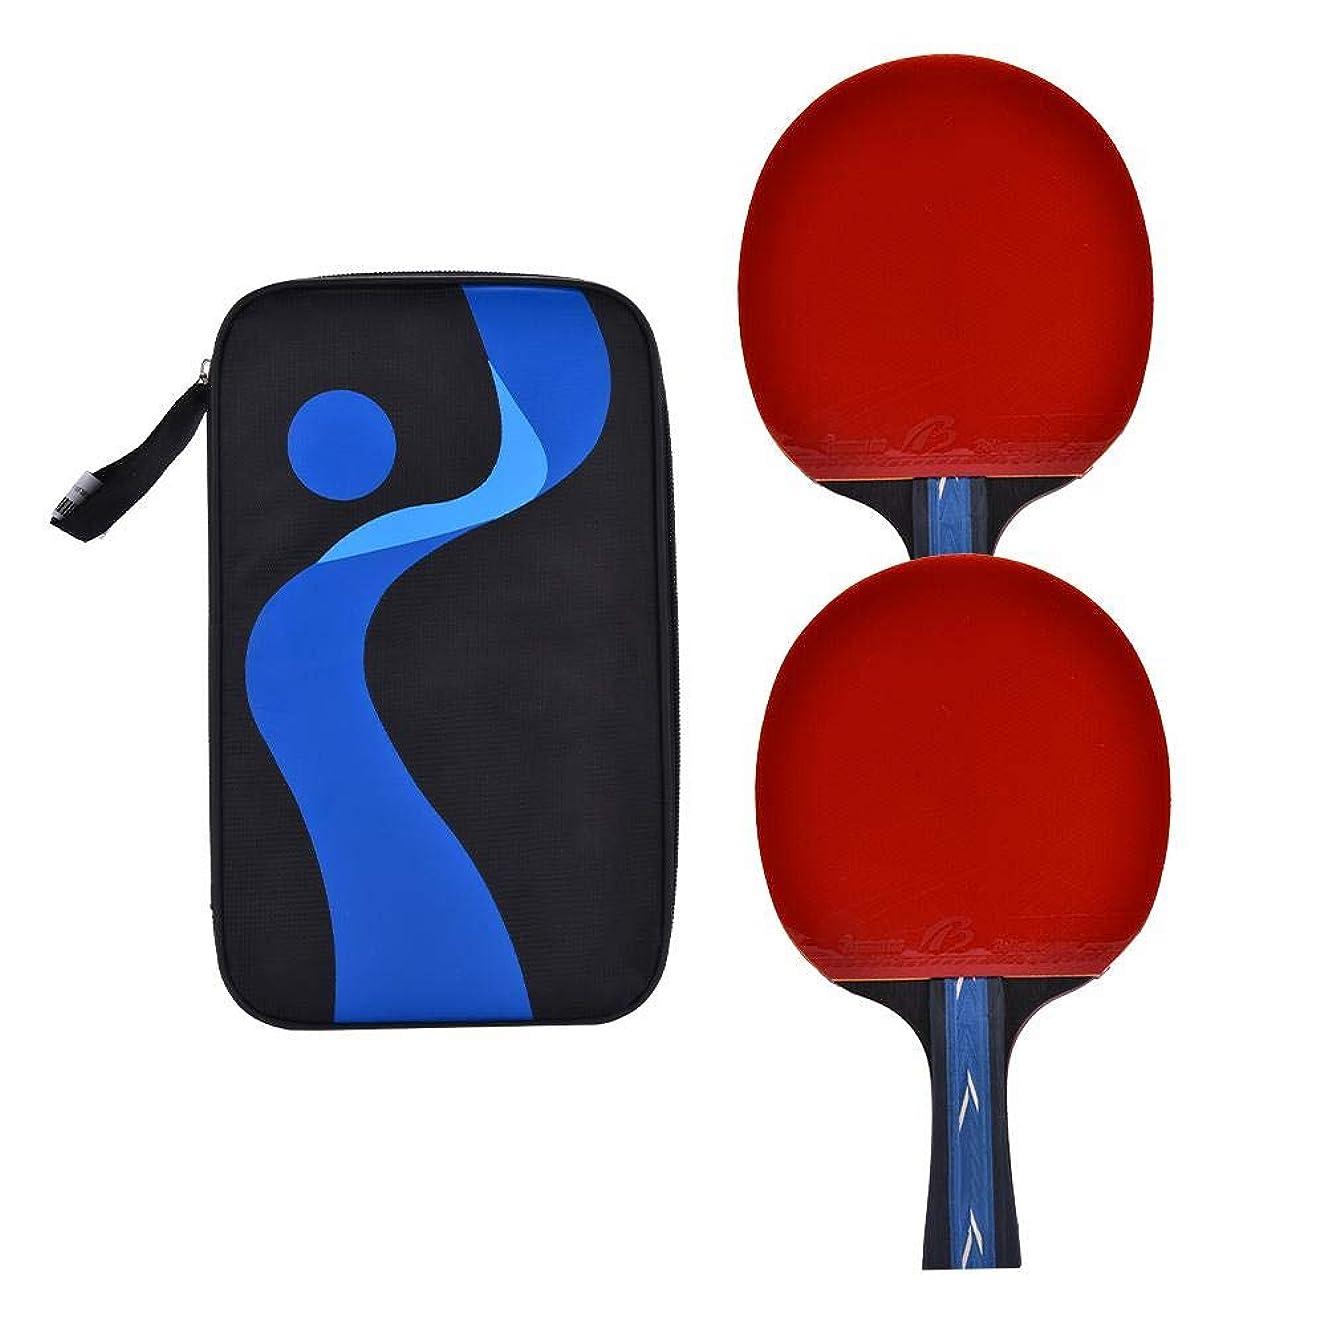 懐評価可能軍艦卓球 ピンポンラケット バット 軽量 耐久性 快適 収納袋付き 持ち運び便利 室内屋外用 2種類